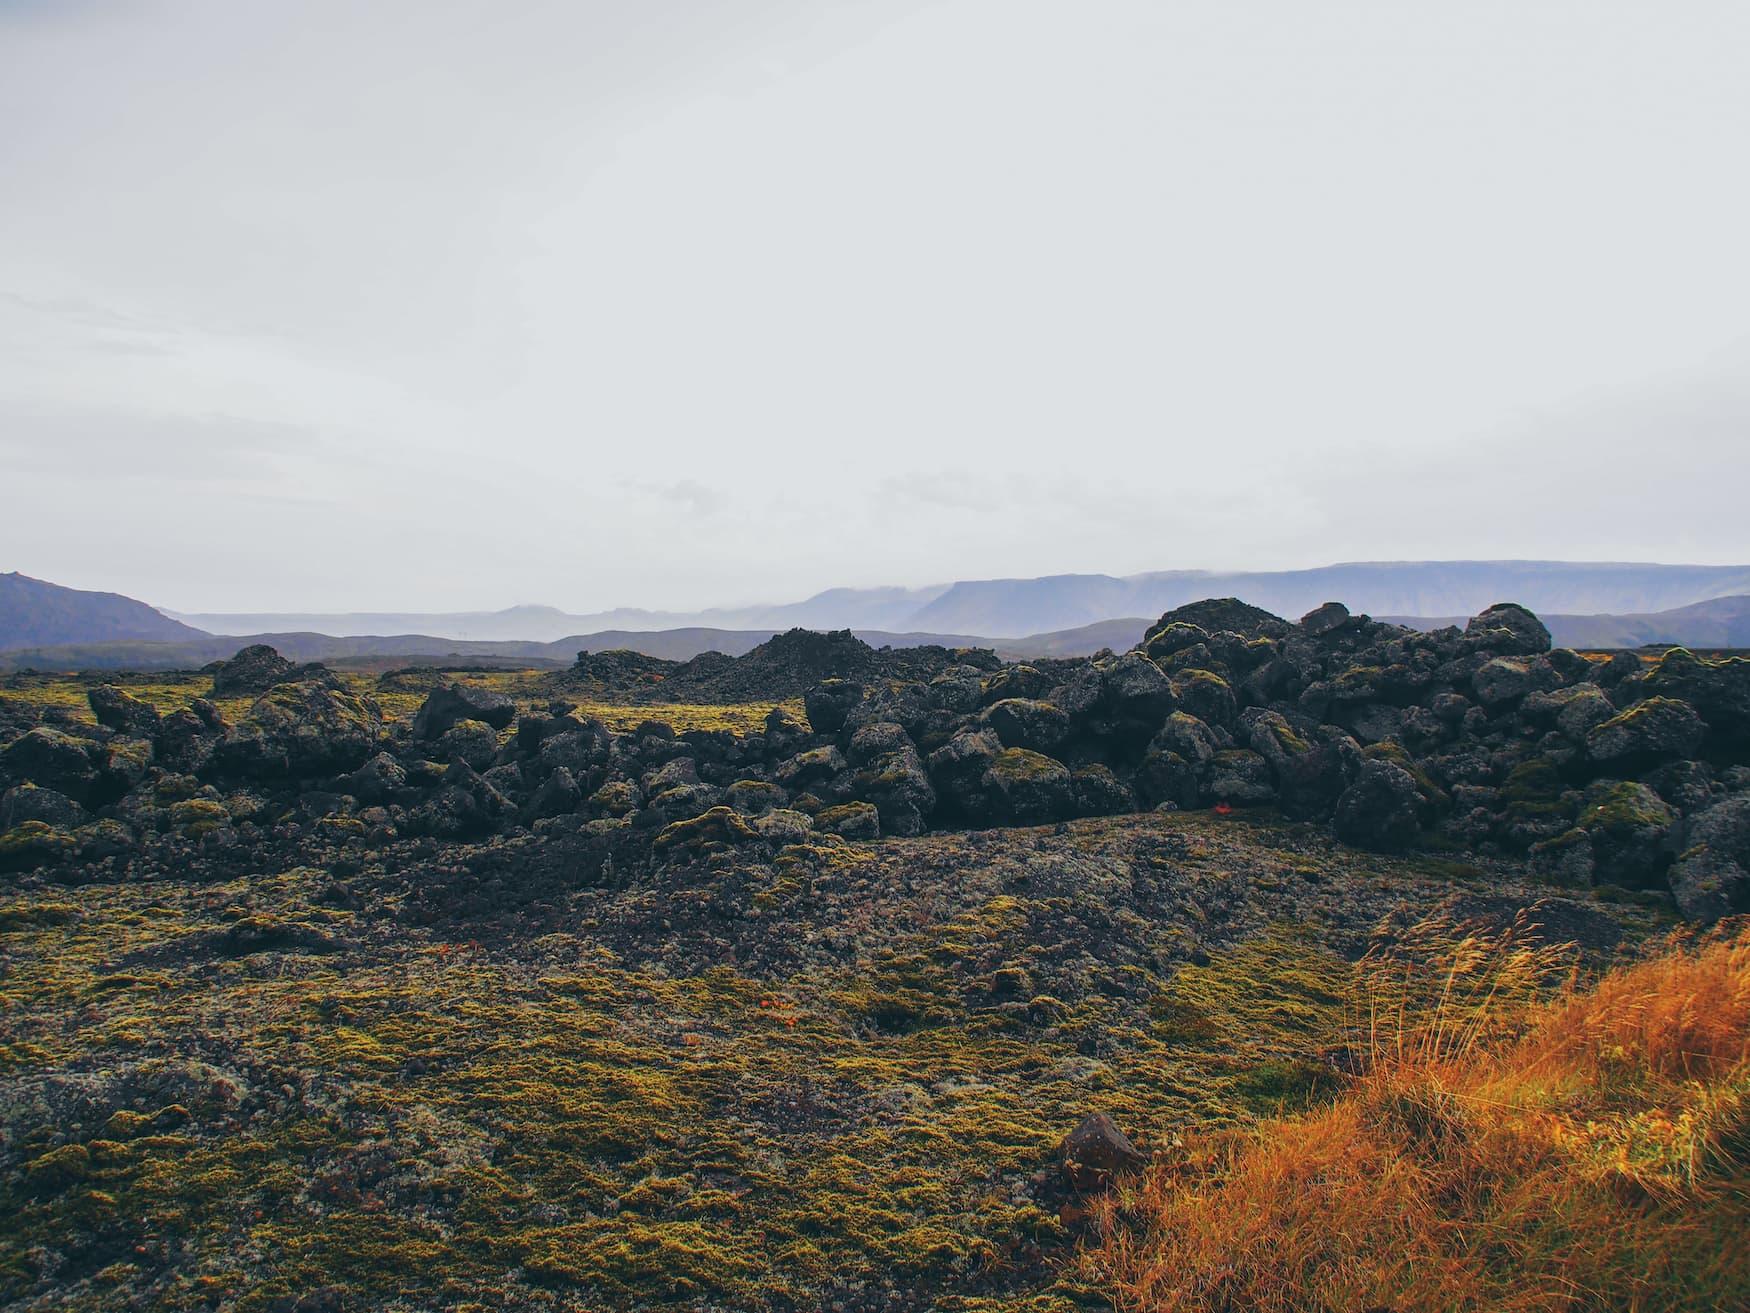 Raue Mondlanschaften auf Island sind mit Moos überzogen